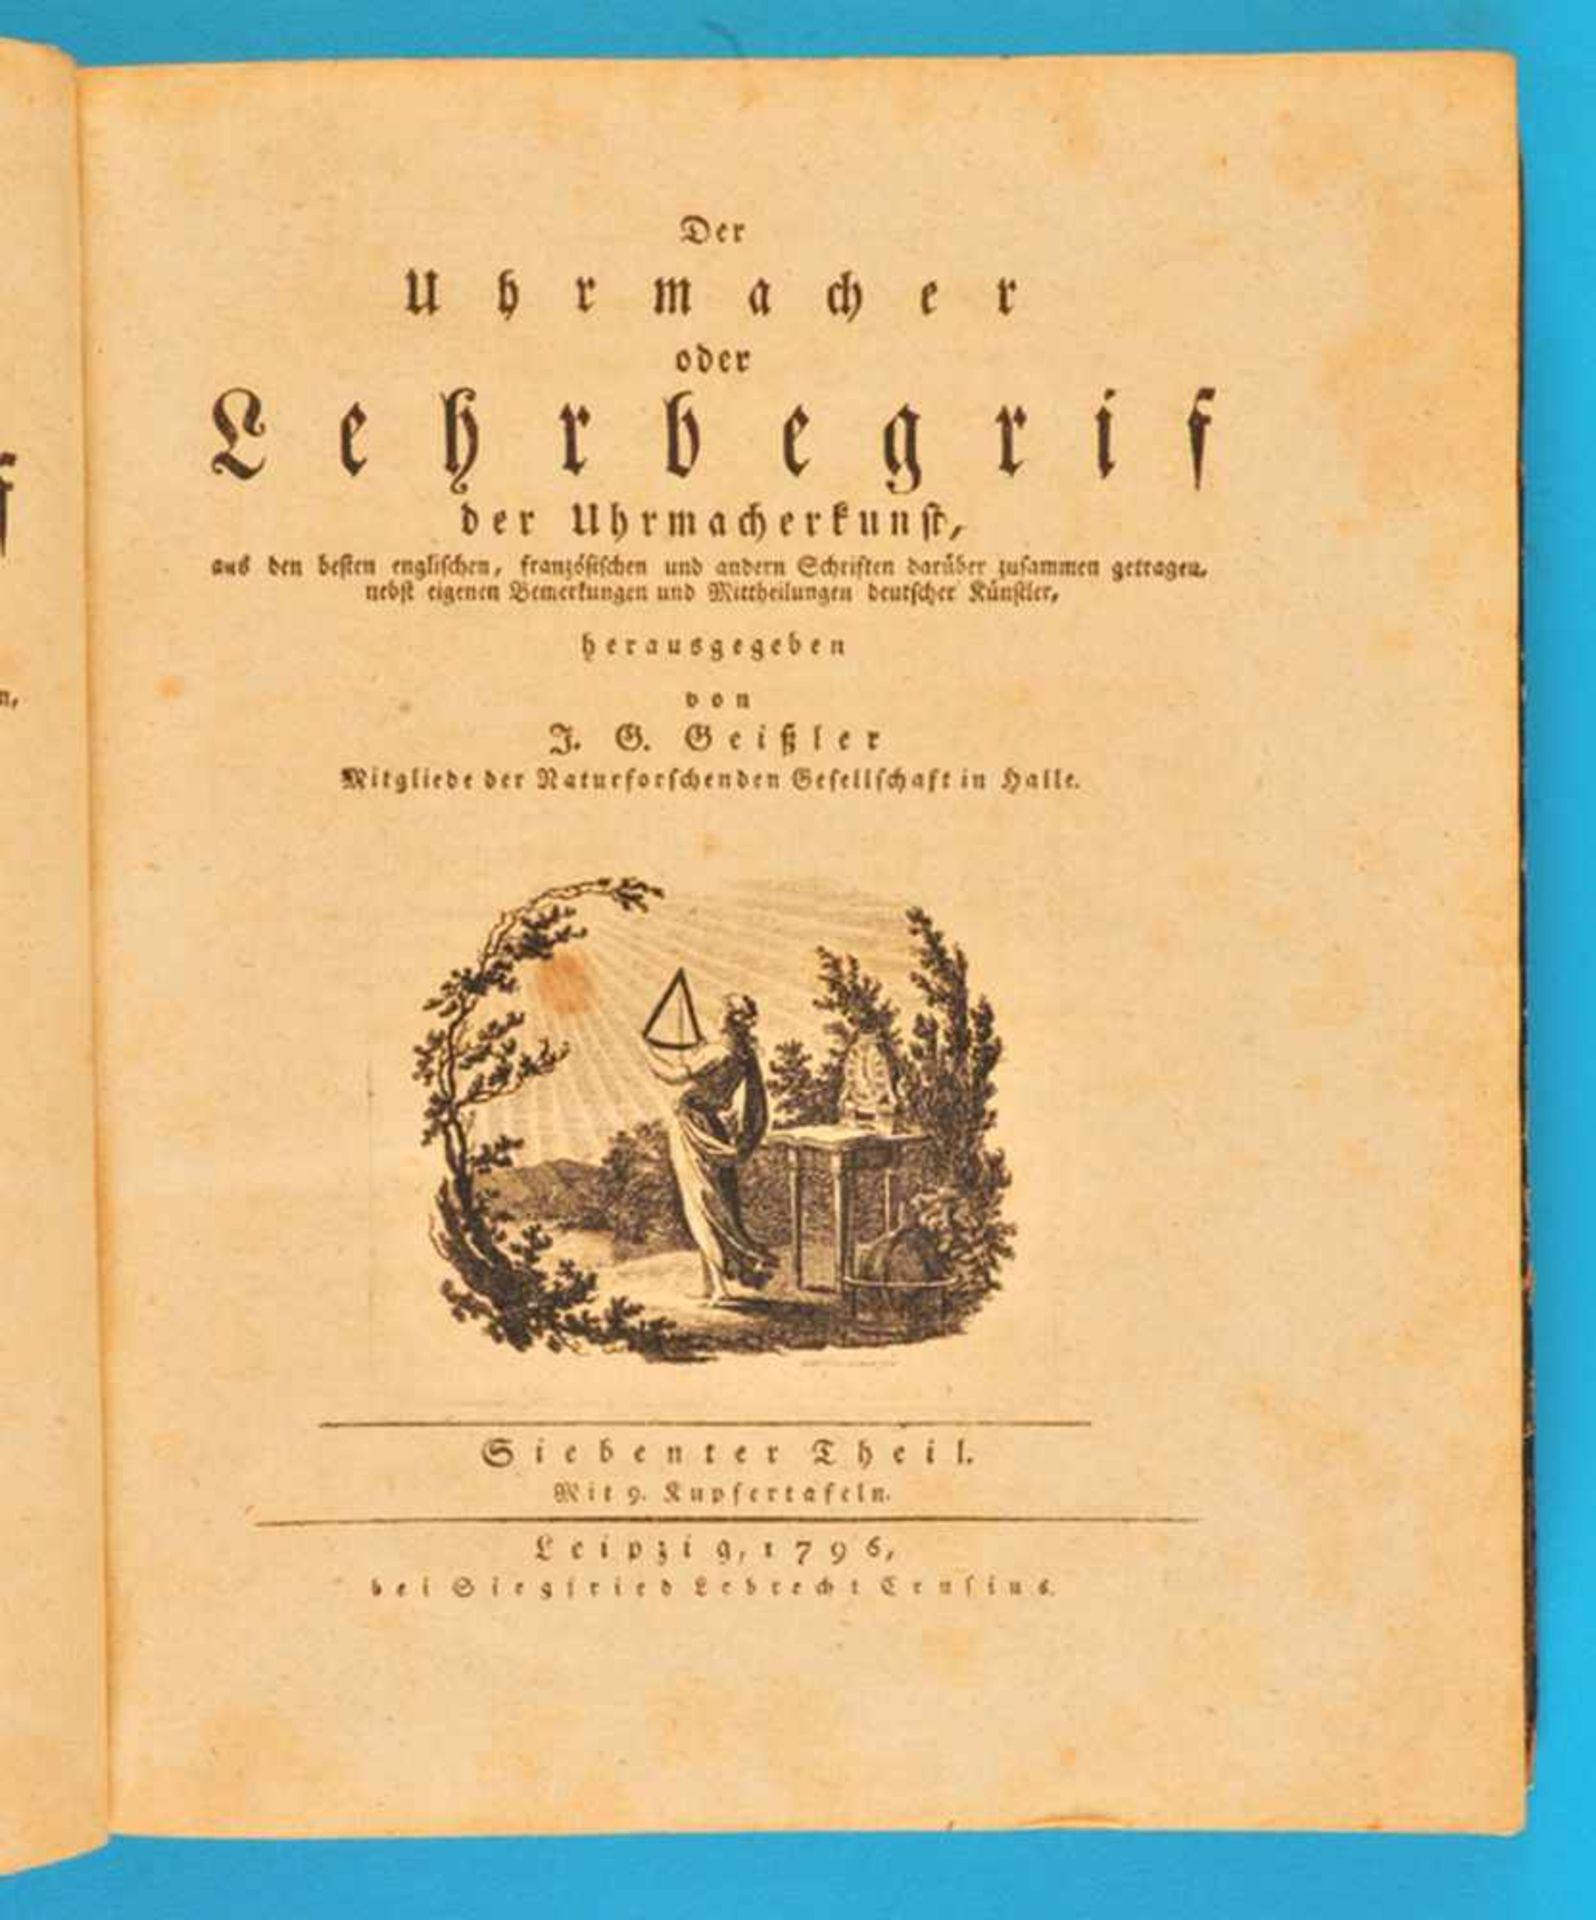 Los 6 - J.G.Geißler, Der Uhrmacher – oder Lehrbegriff der Uhrmacherkunst, Siebenter TheilJ.G.Geißler, Der